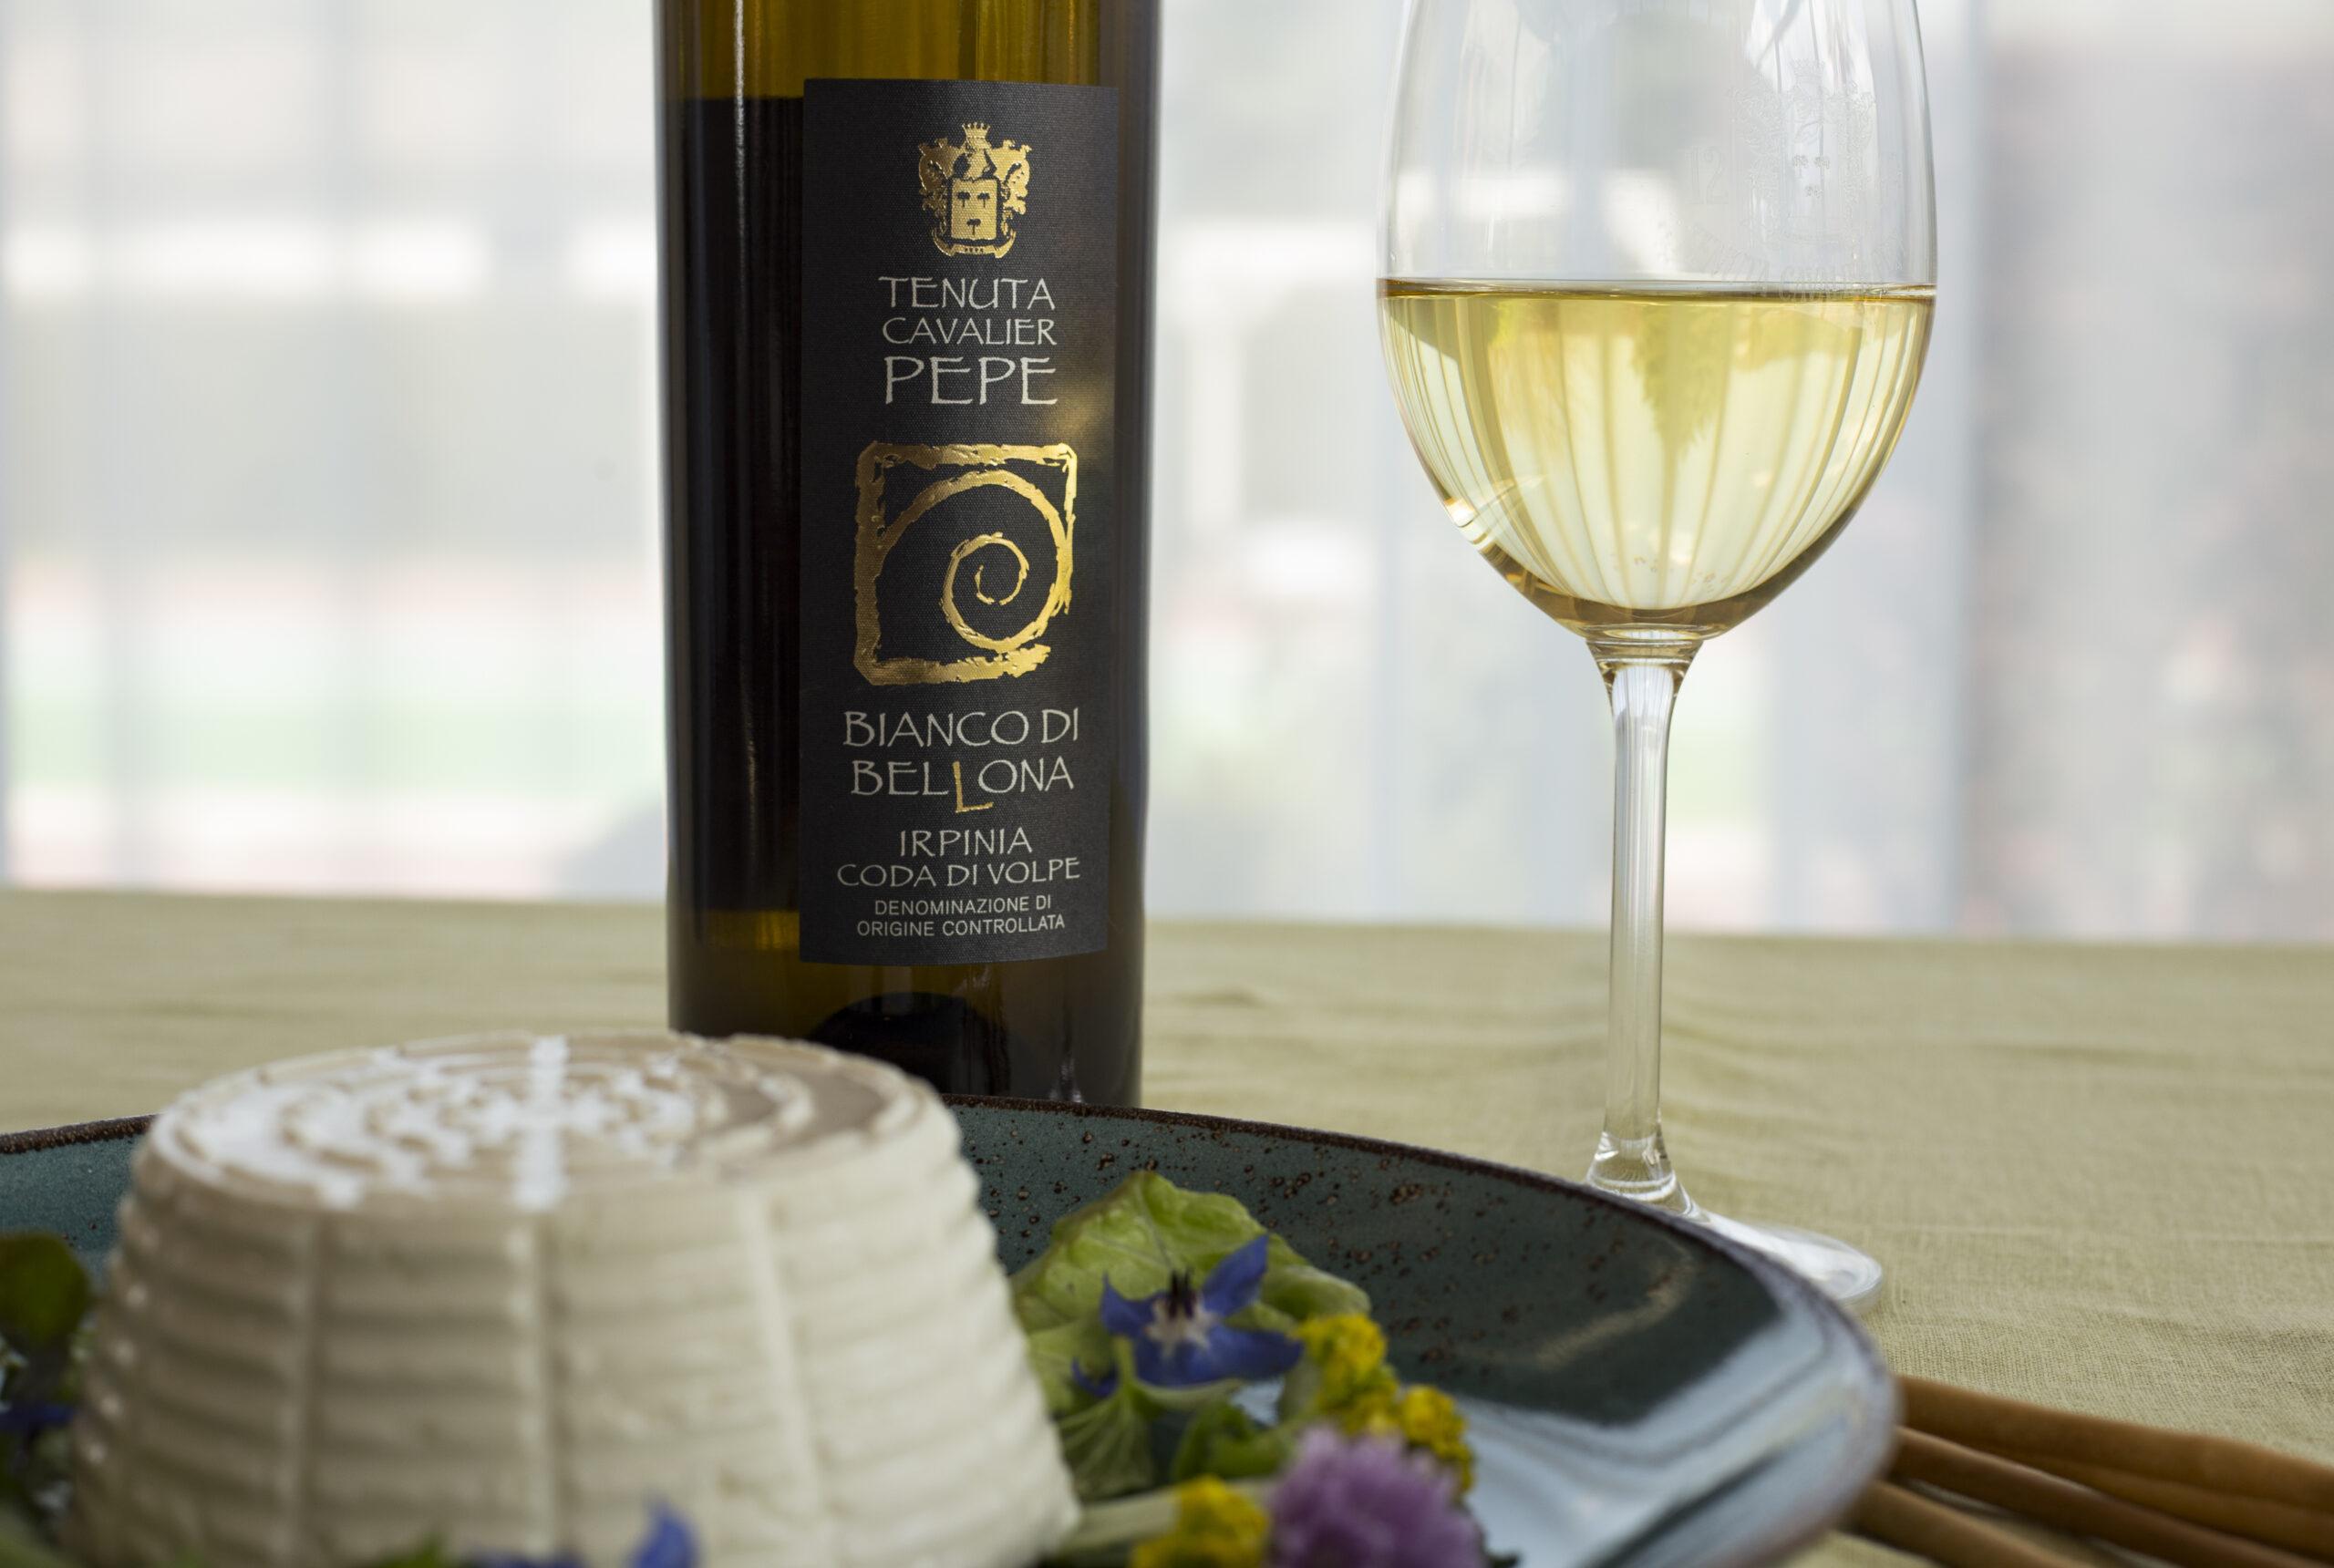 Racconti di primavera alla Tenuta Cavalier Pepe per aperitivi con i vini della cantina